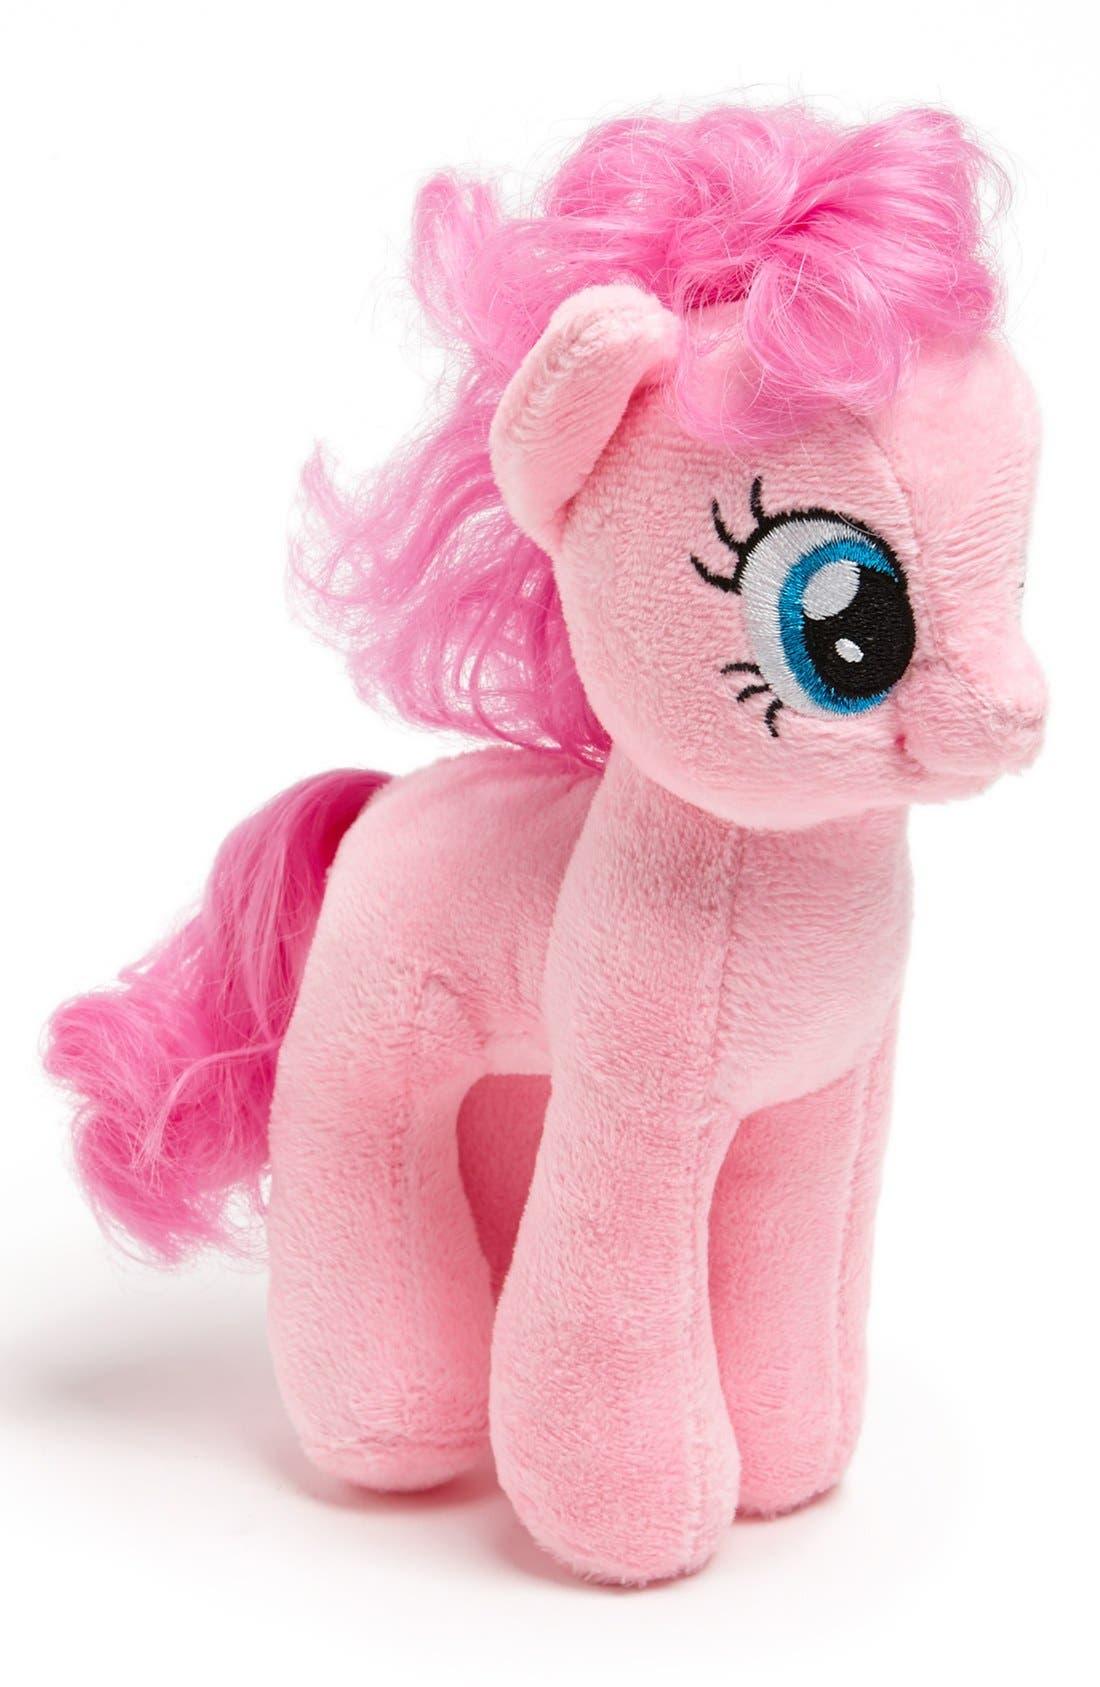 Main Image - TY Toys 'Pinkie Pie®' Plush Toy